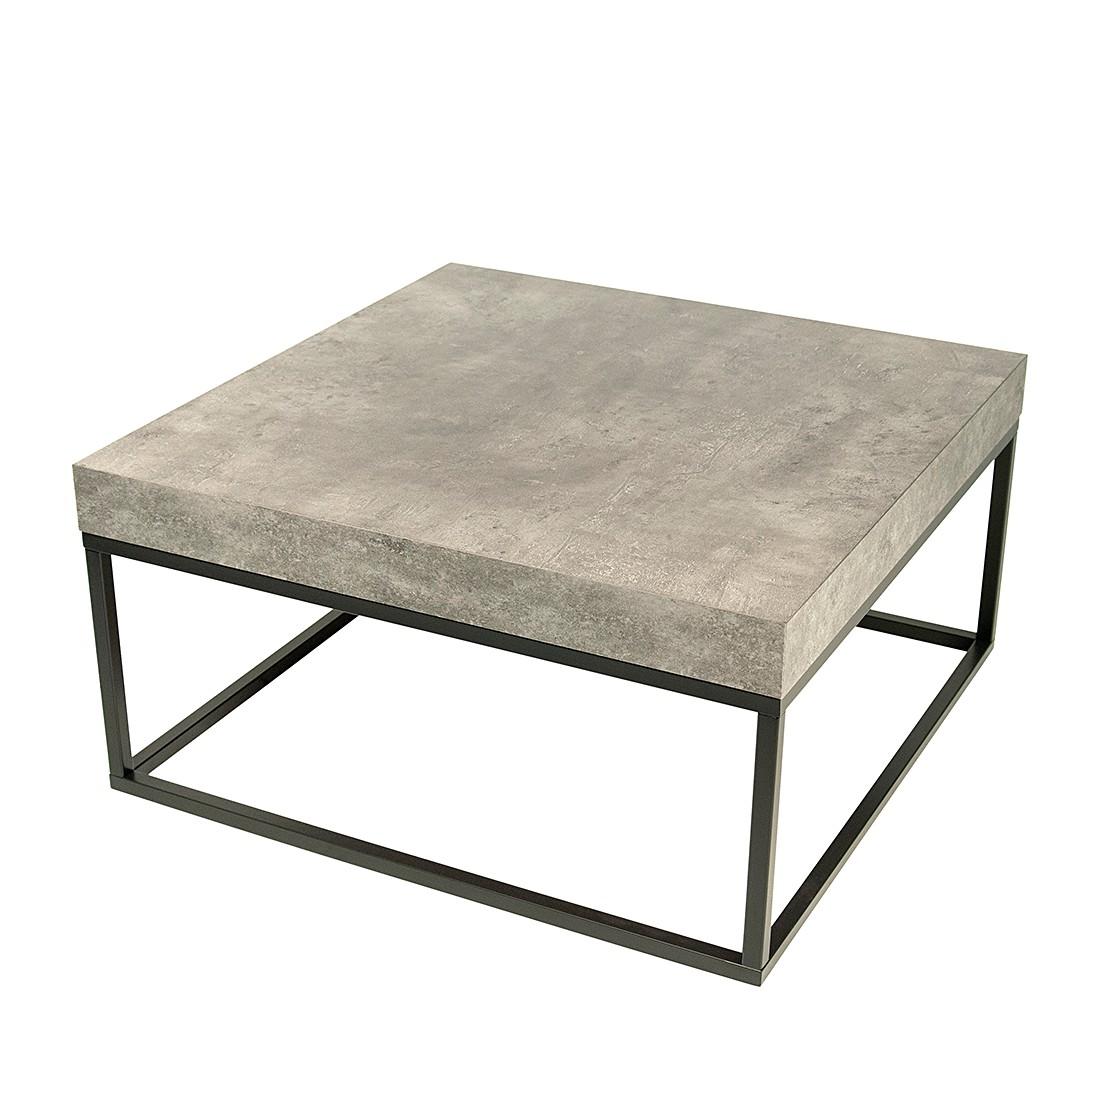 Table basse Petra - Gris béton / Noir mat, loftscape